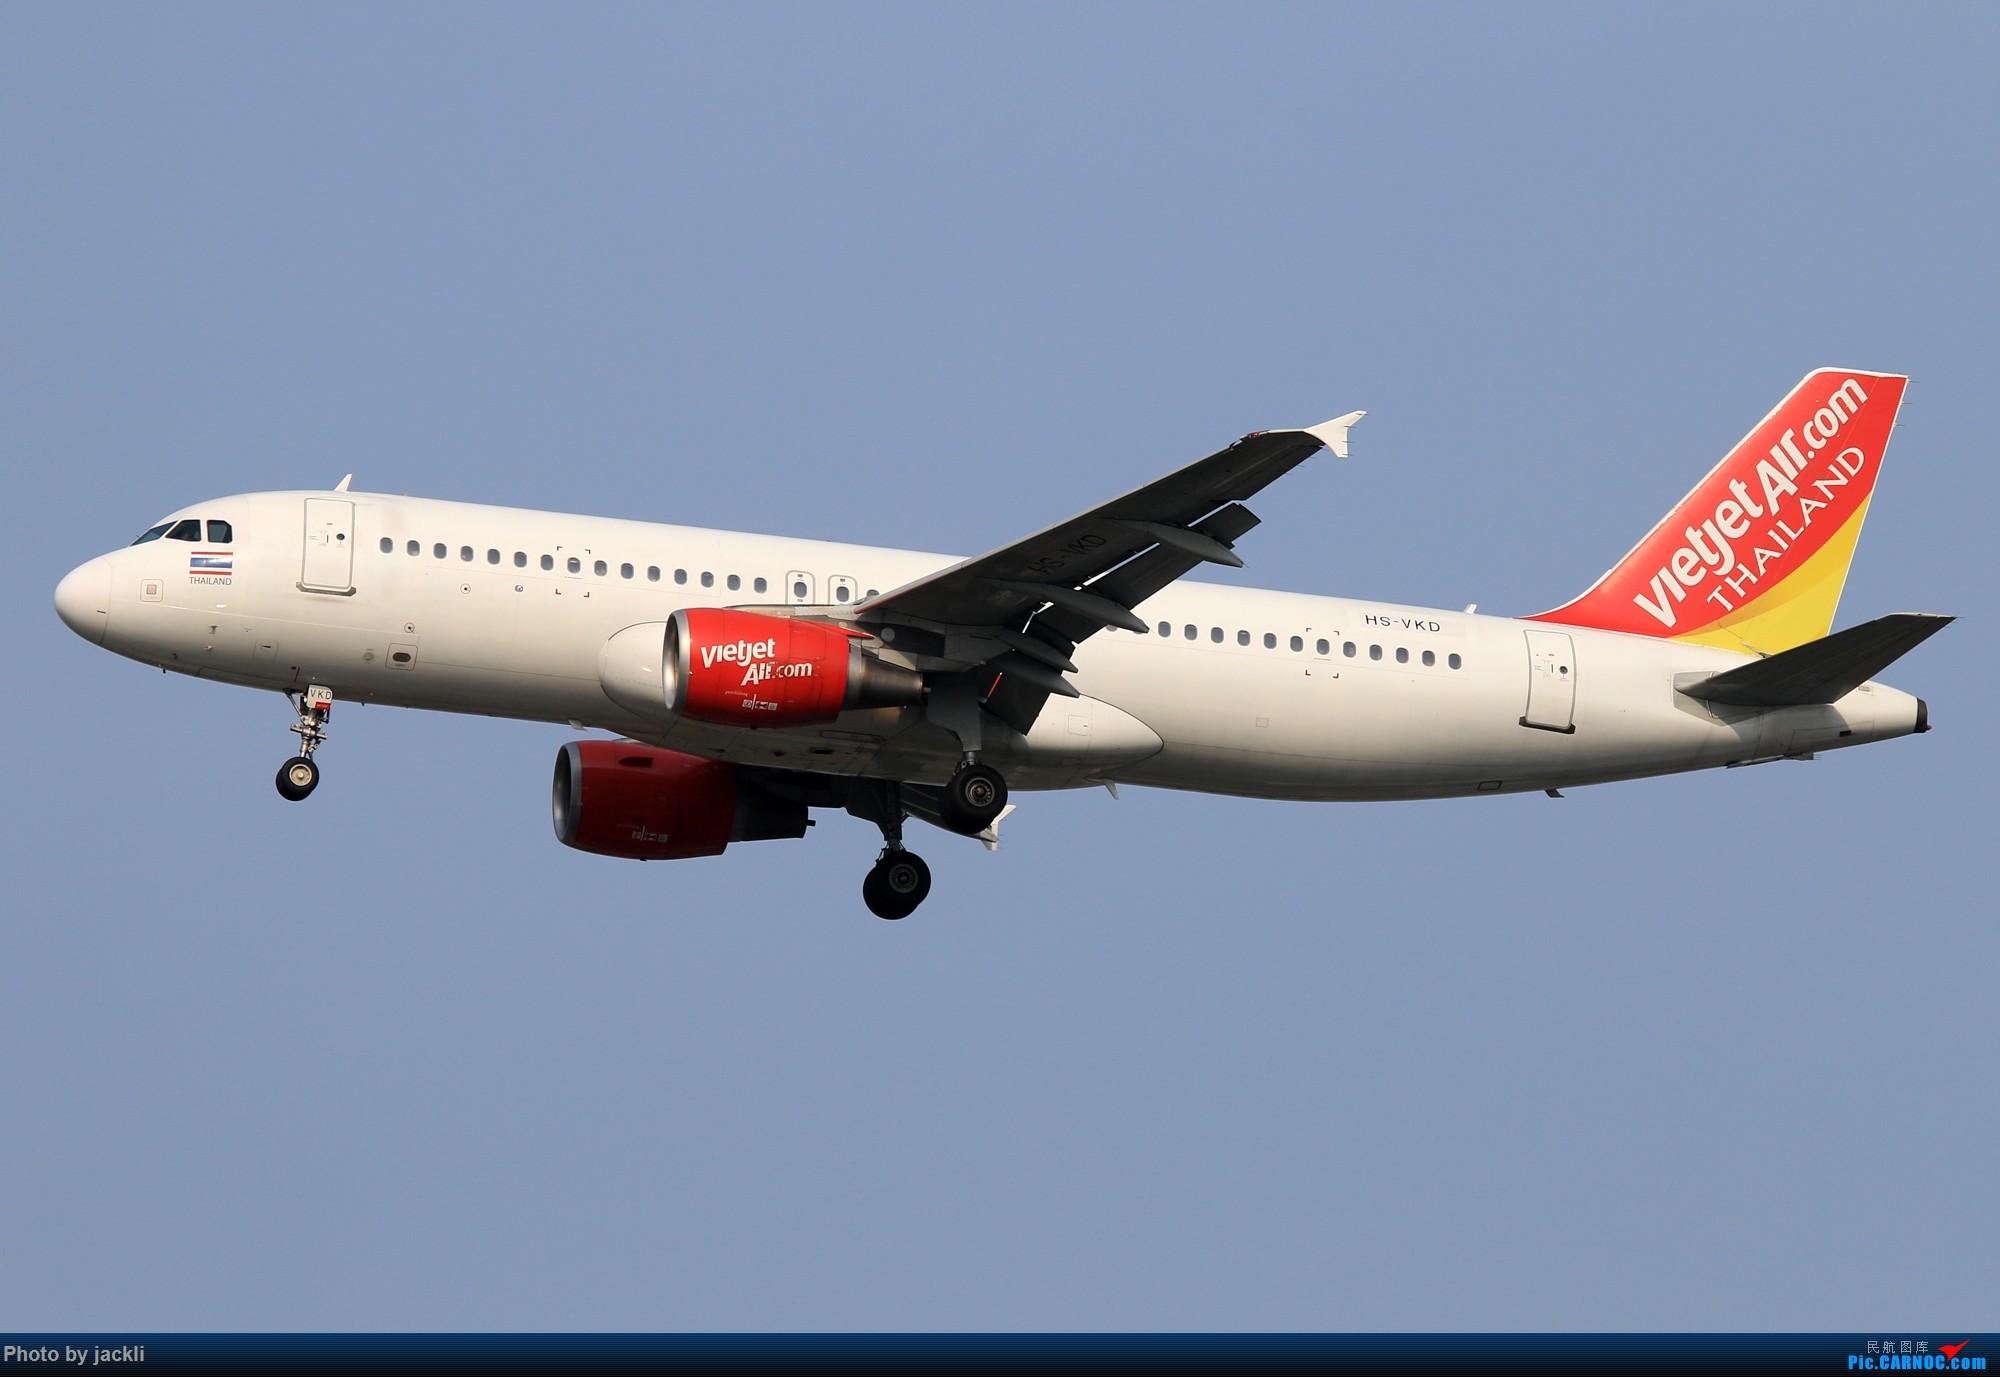 Re:[原创]【JackLi】泰国曼谷素万那普机场拍机~ AIRBUS A320 HS-VKD 泰国曼谷素万那普国际机场